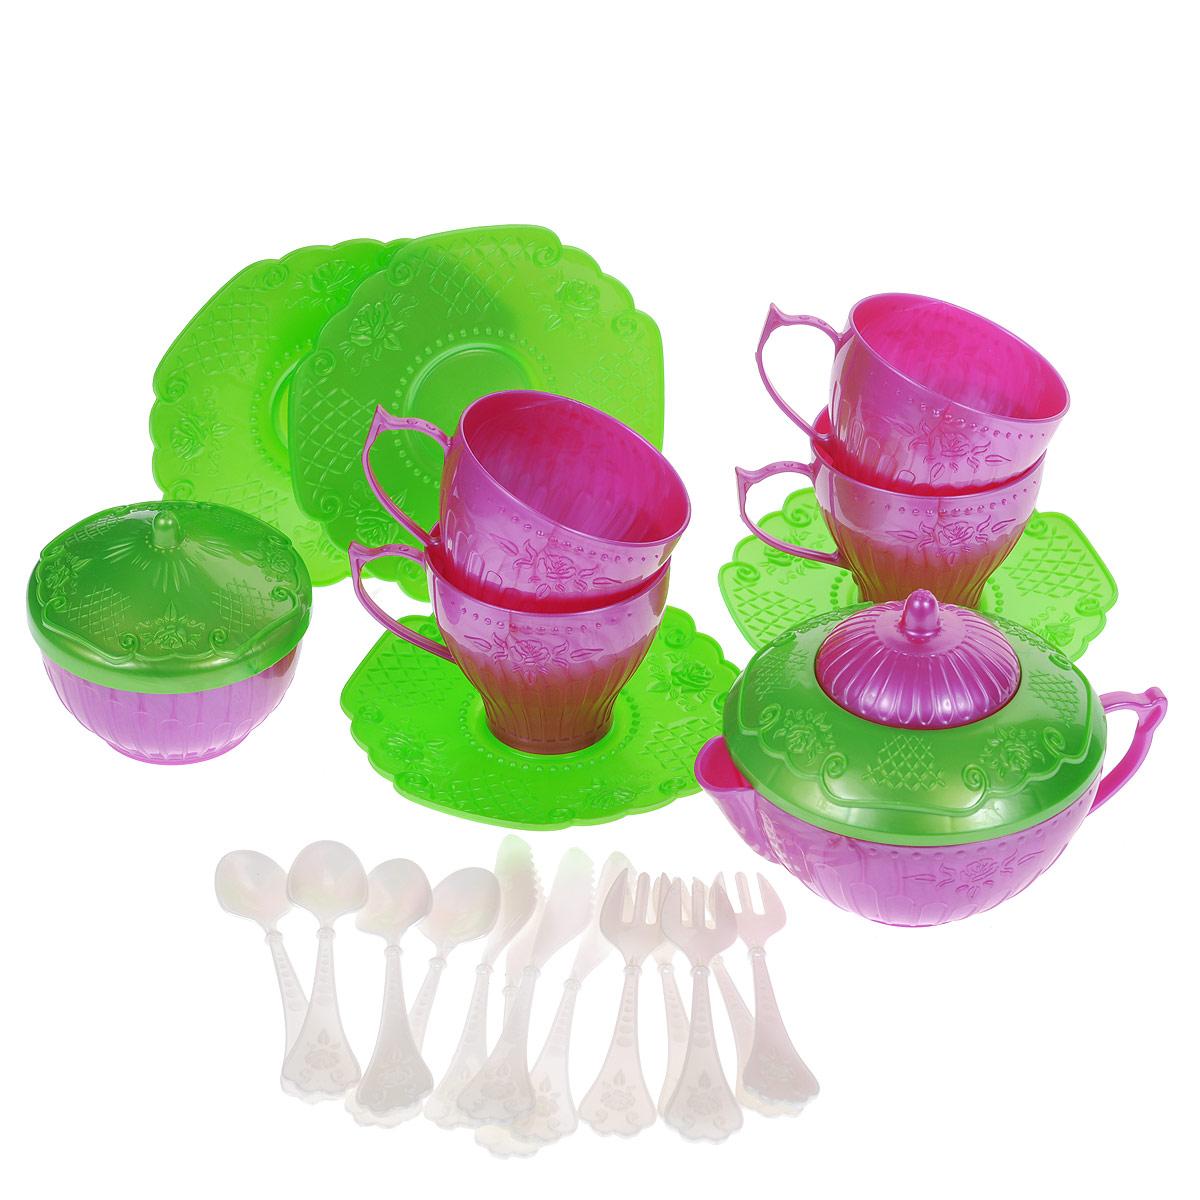 """Набор детской посуды """"Чайный сервиз """"Волшебная Хозяюшка"""", 22 предмета, цвет: розовый, зеленый, Нордпласт"""